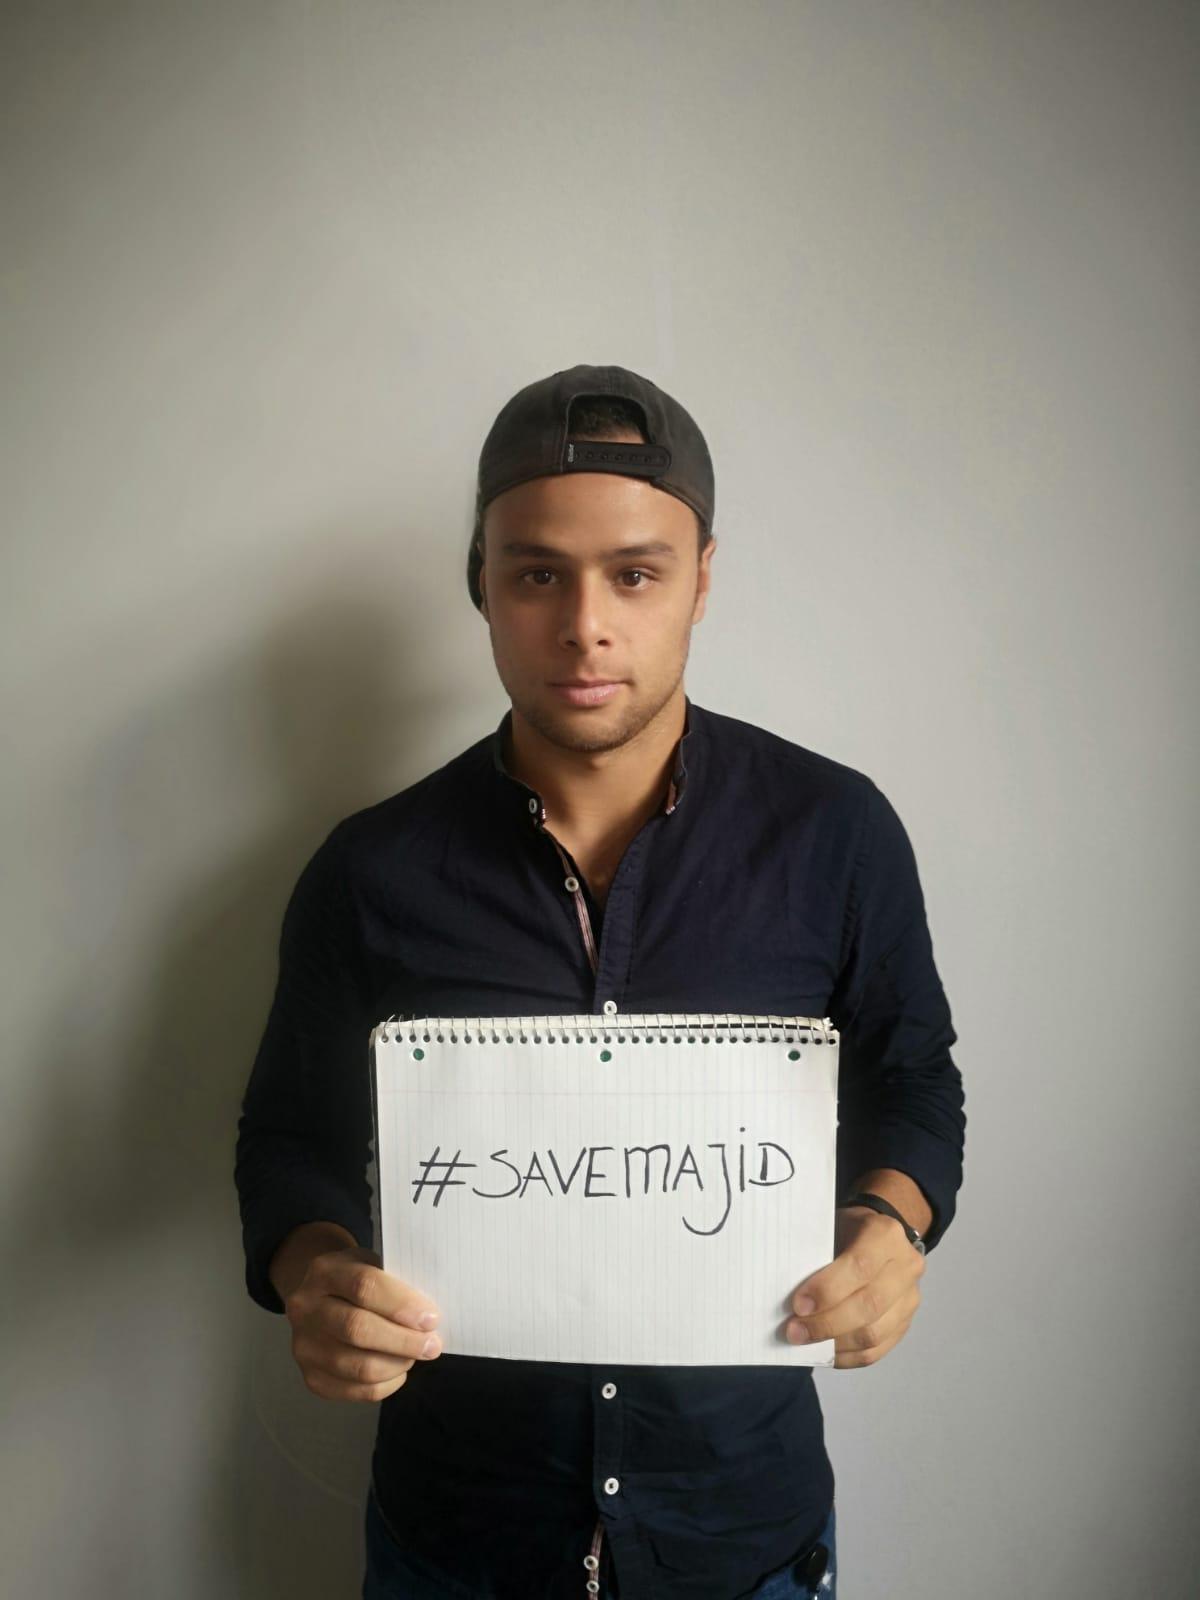 Khaled holding sign